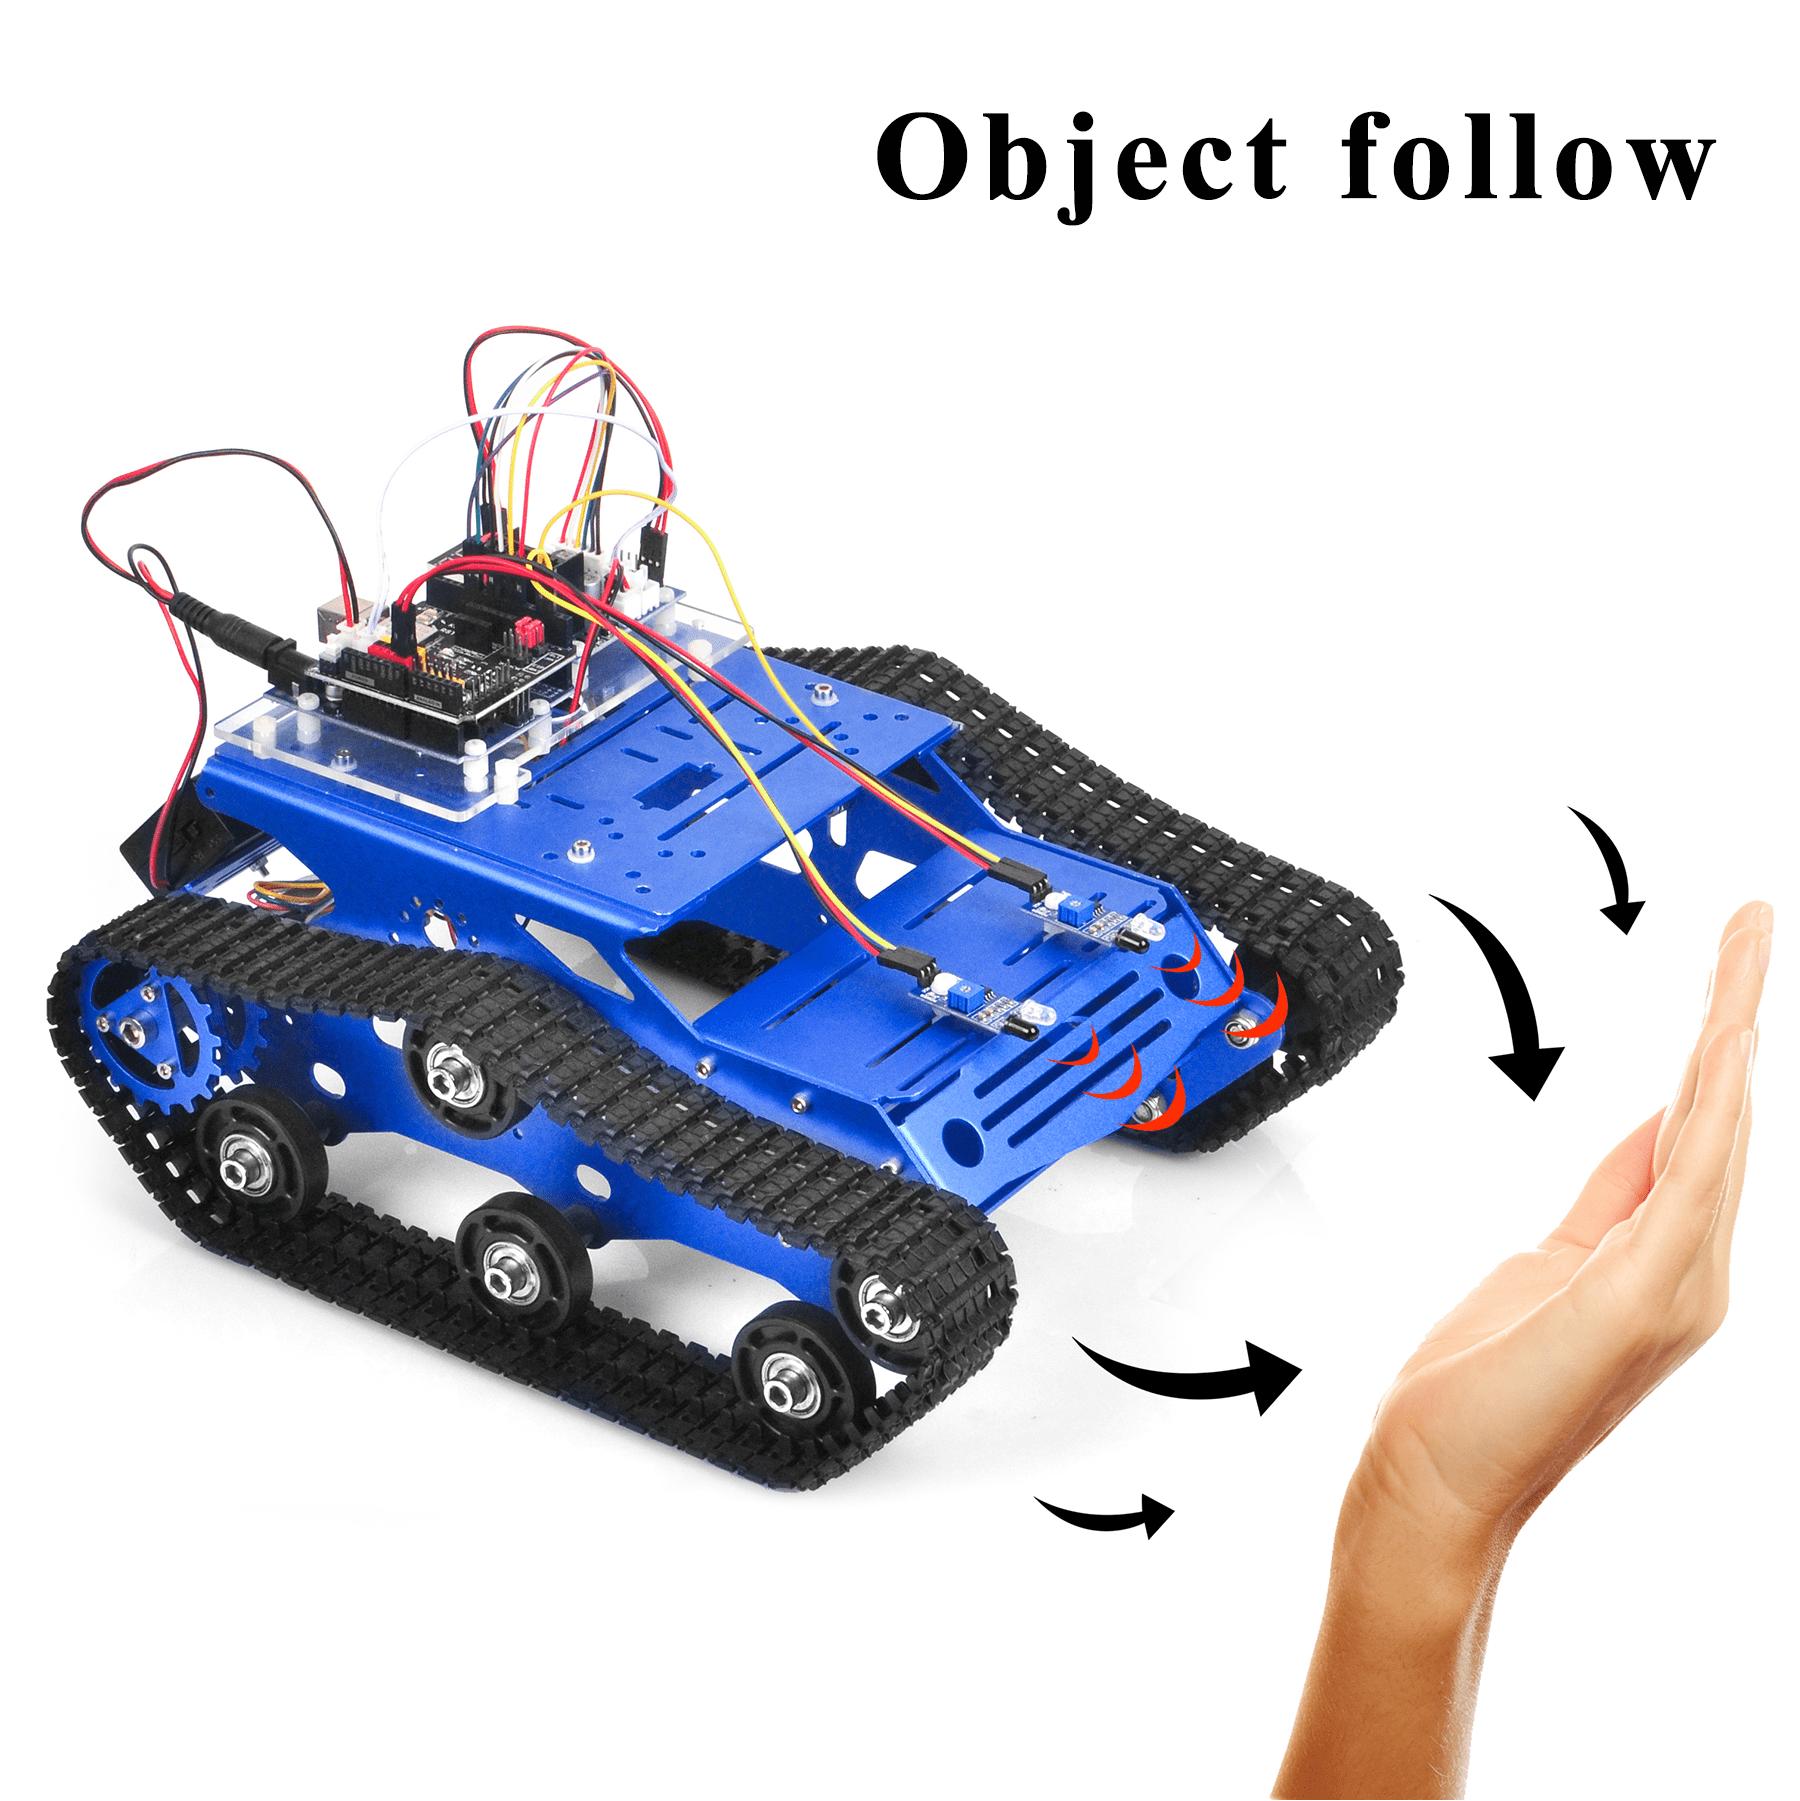 Robot Tank Car Kit V2.0 Lesson3: Object follow